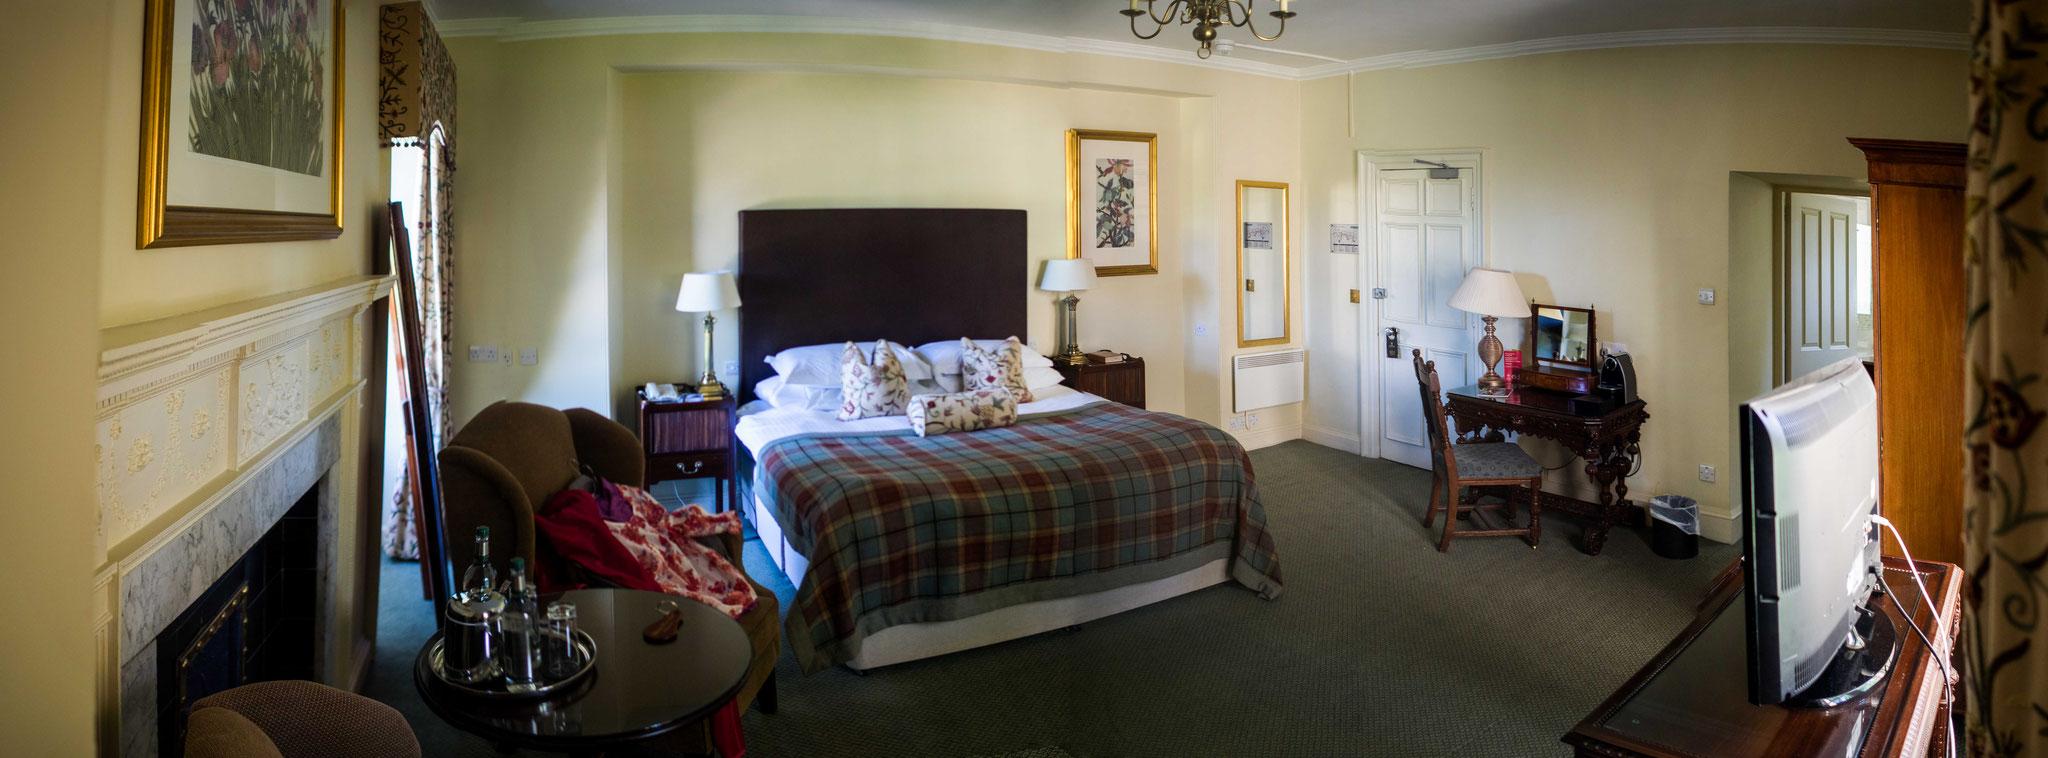 Bild: Unser Zimmer